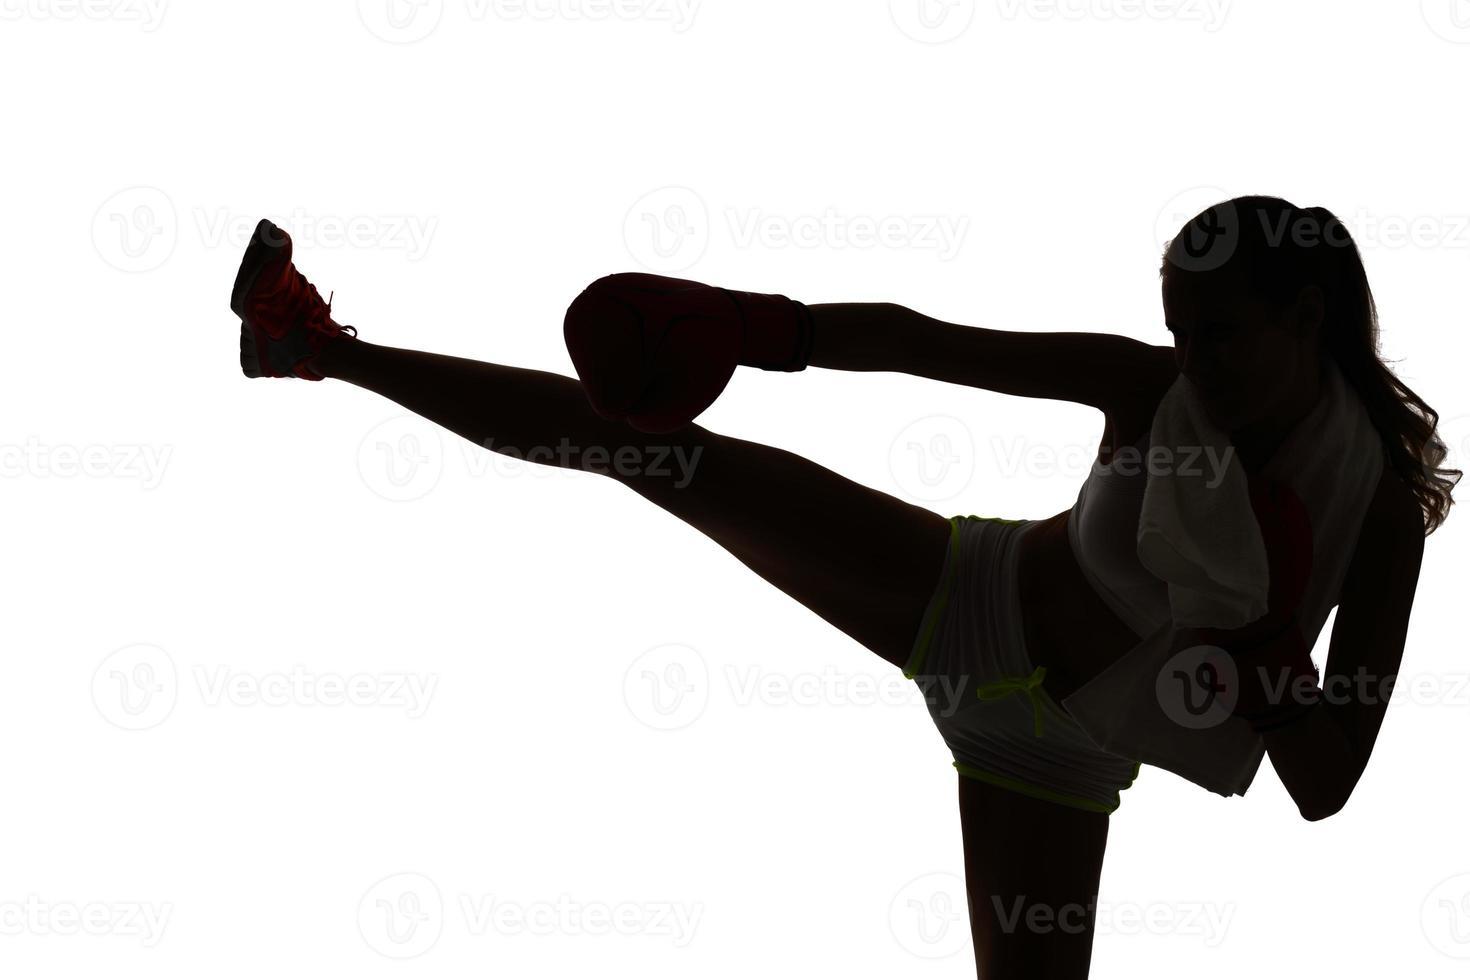 en kaukasisk kvinna boxning tränar i silhouette studio isola foto